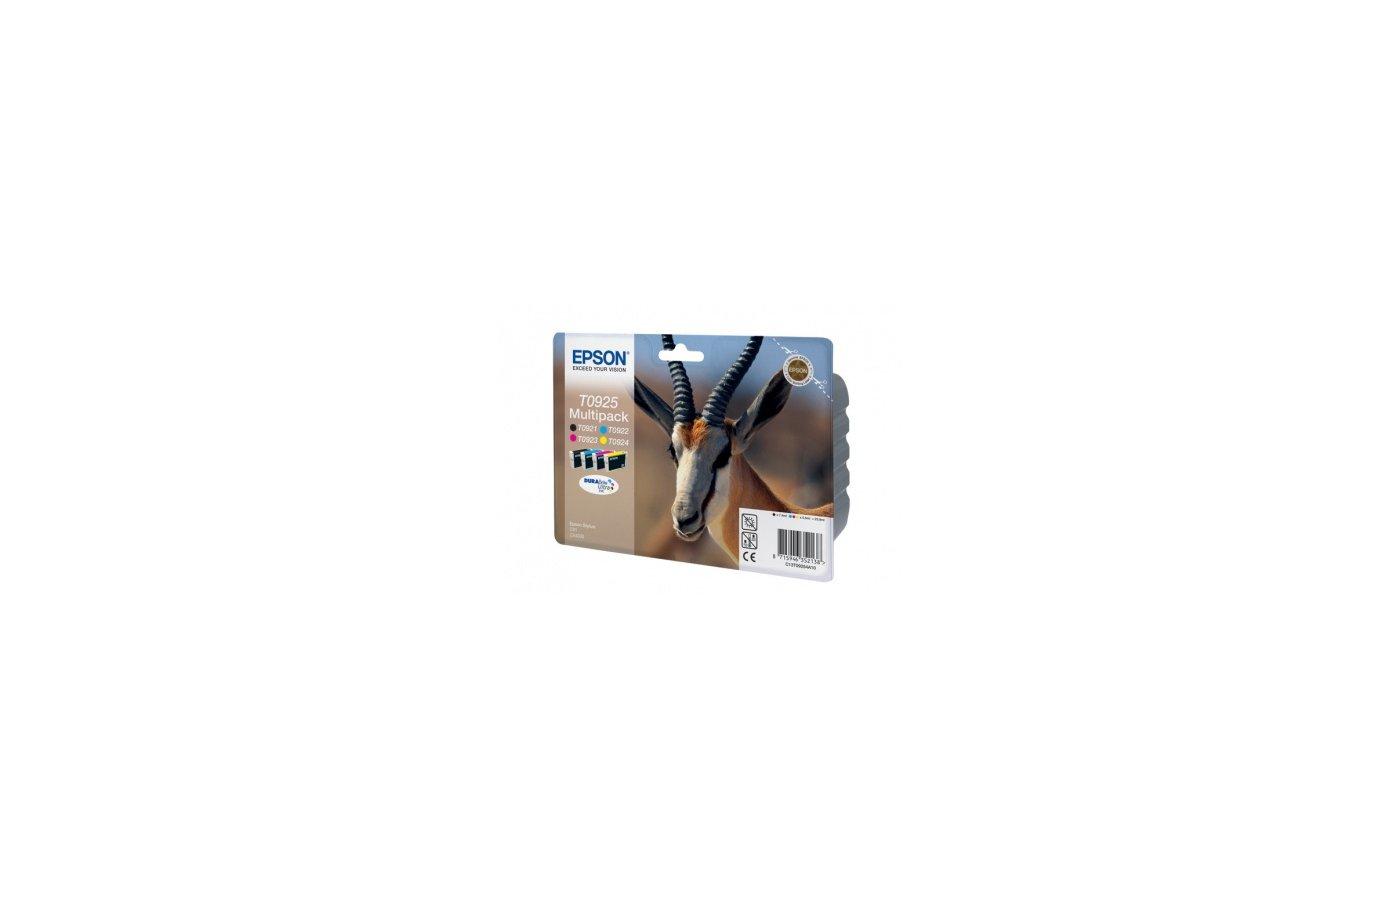 Картридж струйный Epson C13T10854A10 T0925 bl+cy+mag+yell для C91/CX4300 (замена C13T09254A)